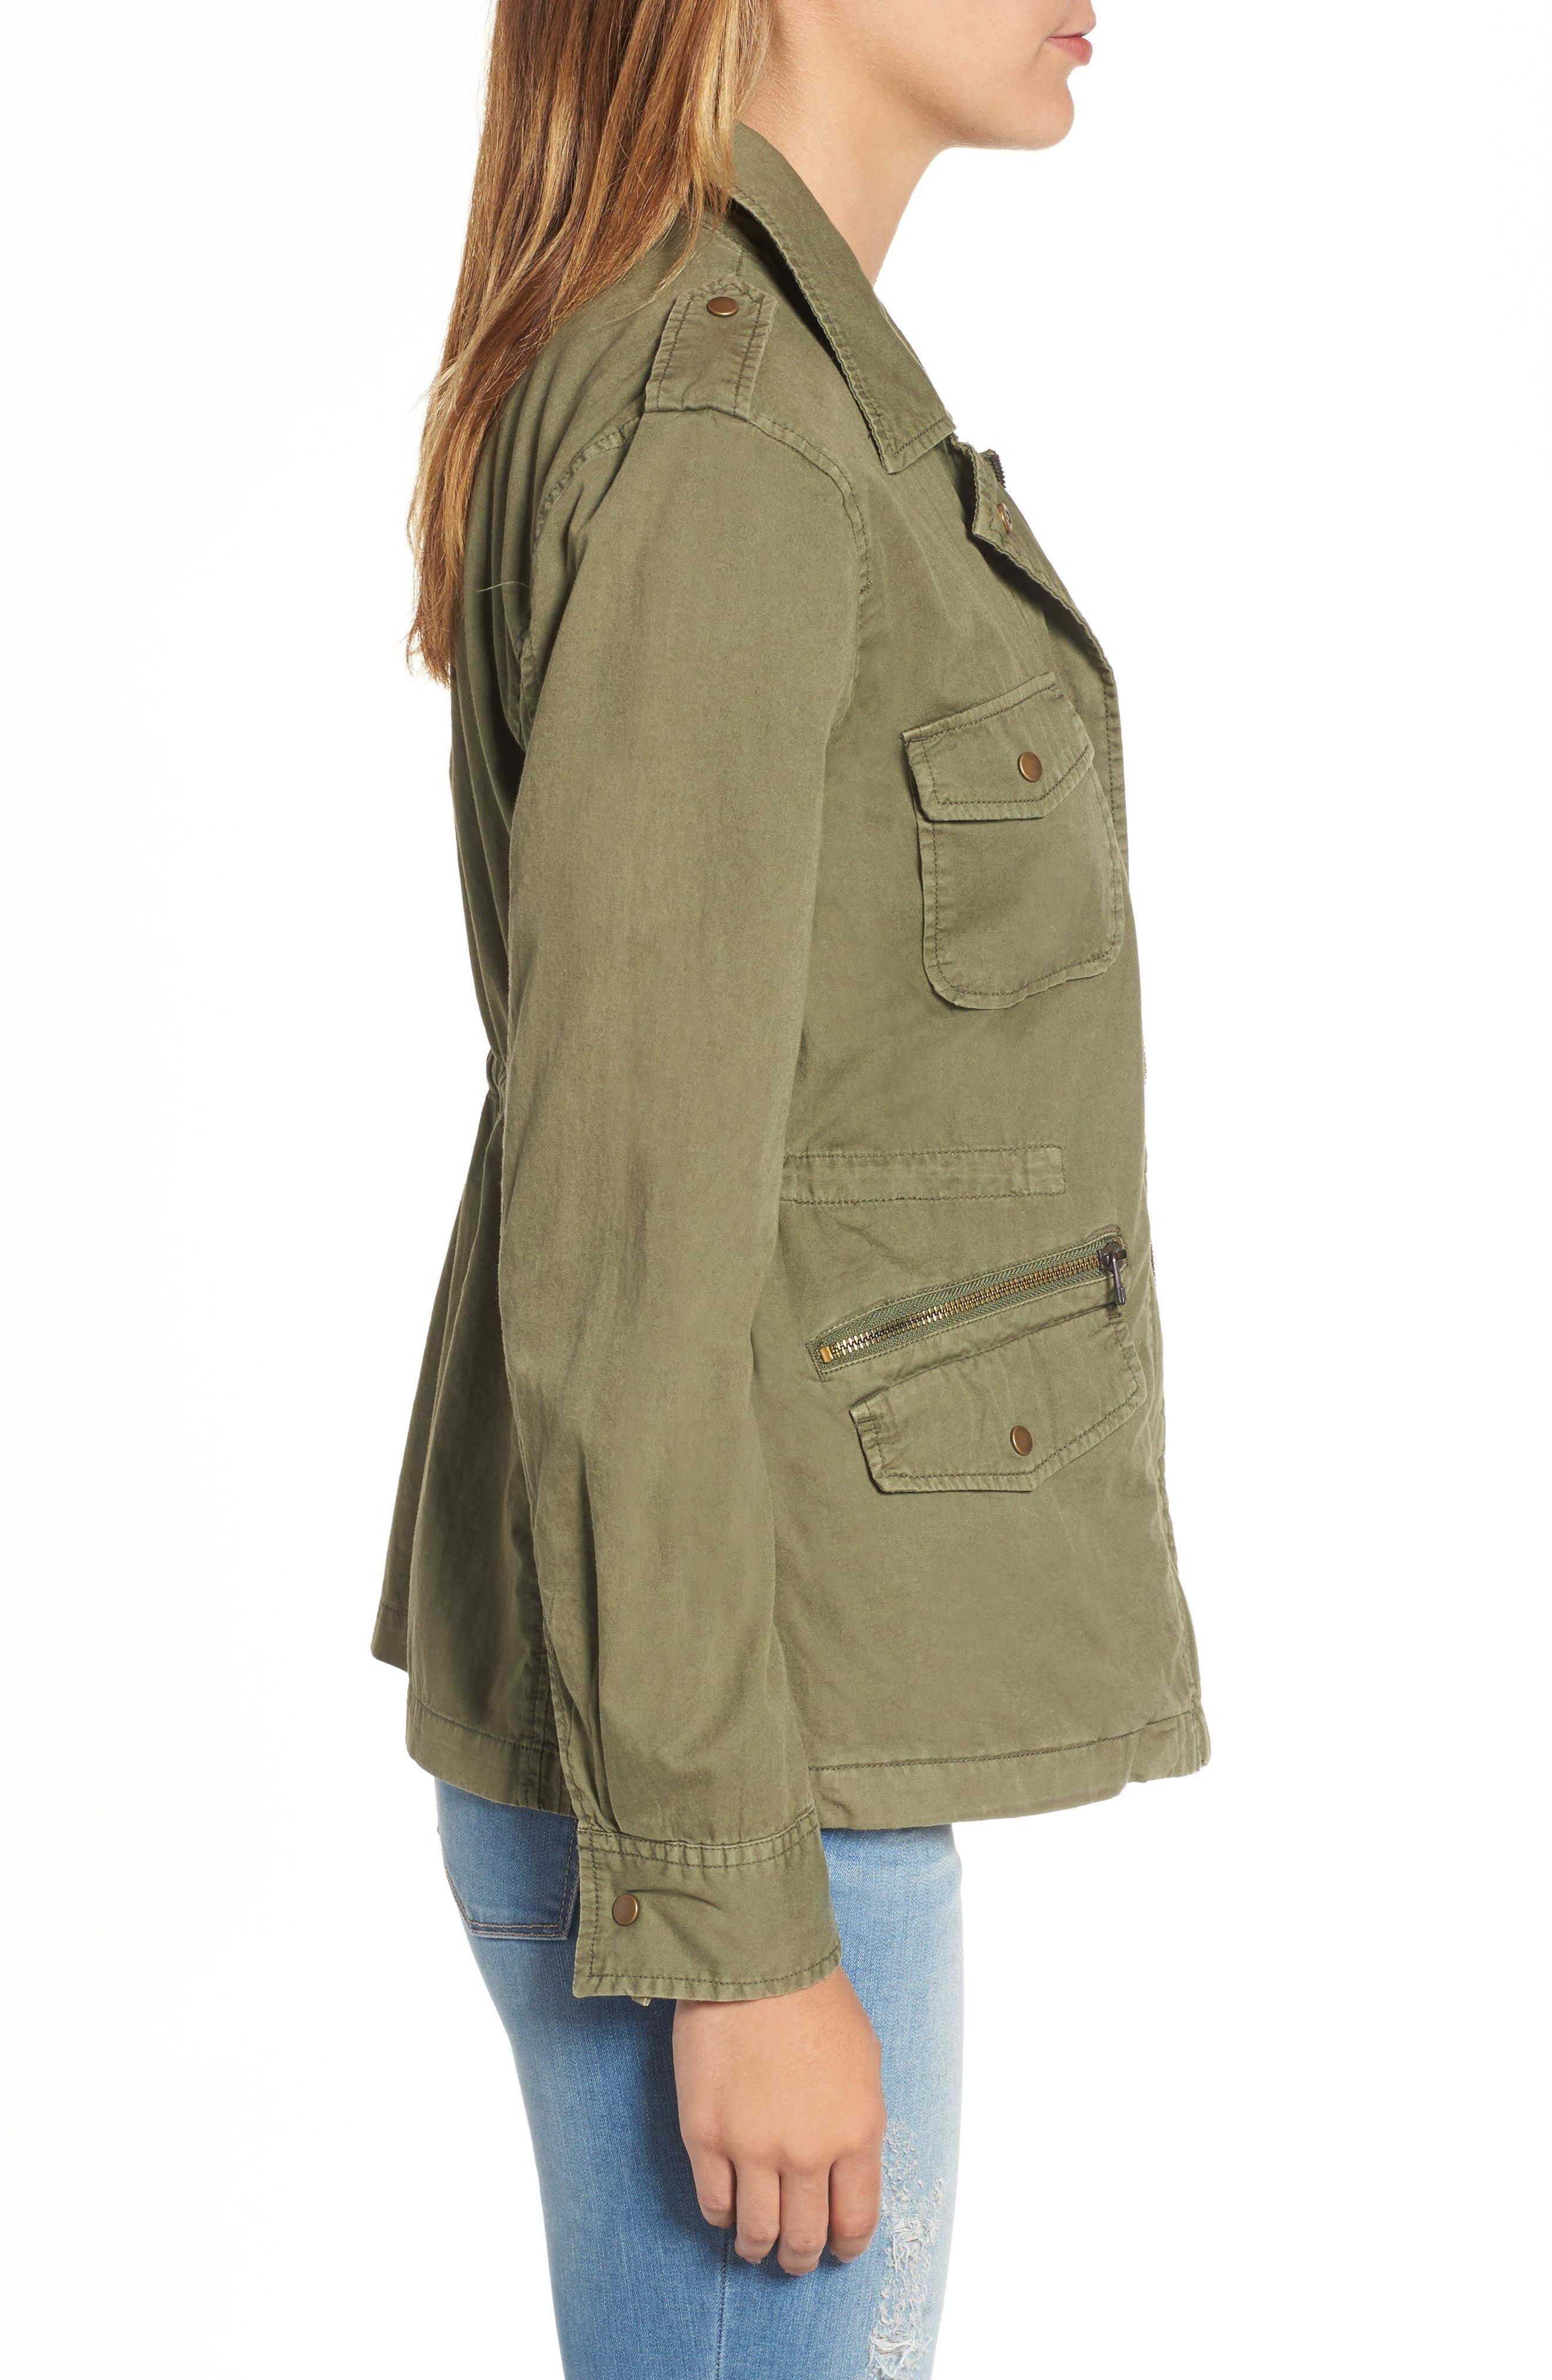 Lily Aldridge for Velvet by Graham & Spencer Army Jacket,                             Alternate thumbnail 4, color,                             FOREST GREEN